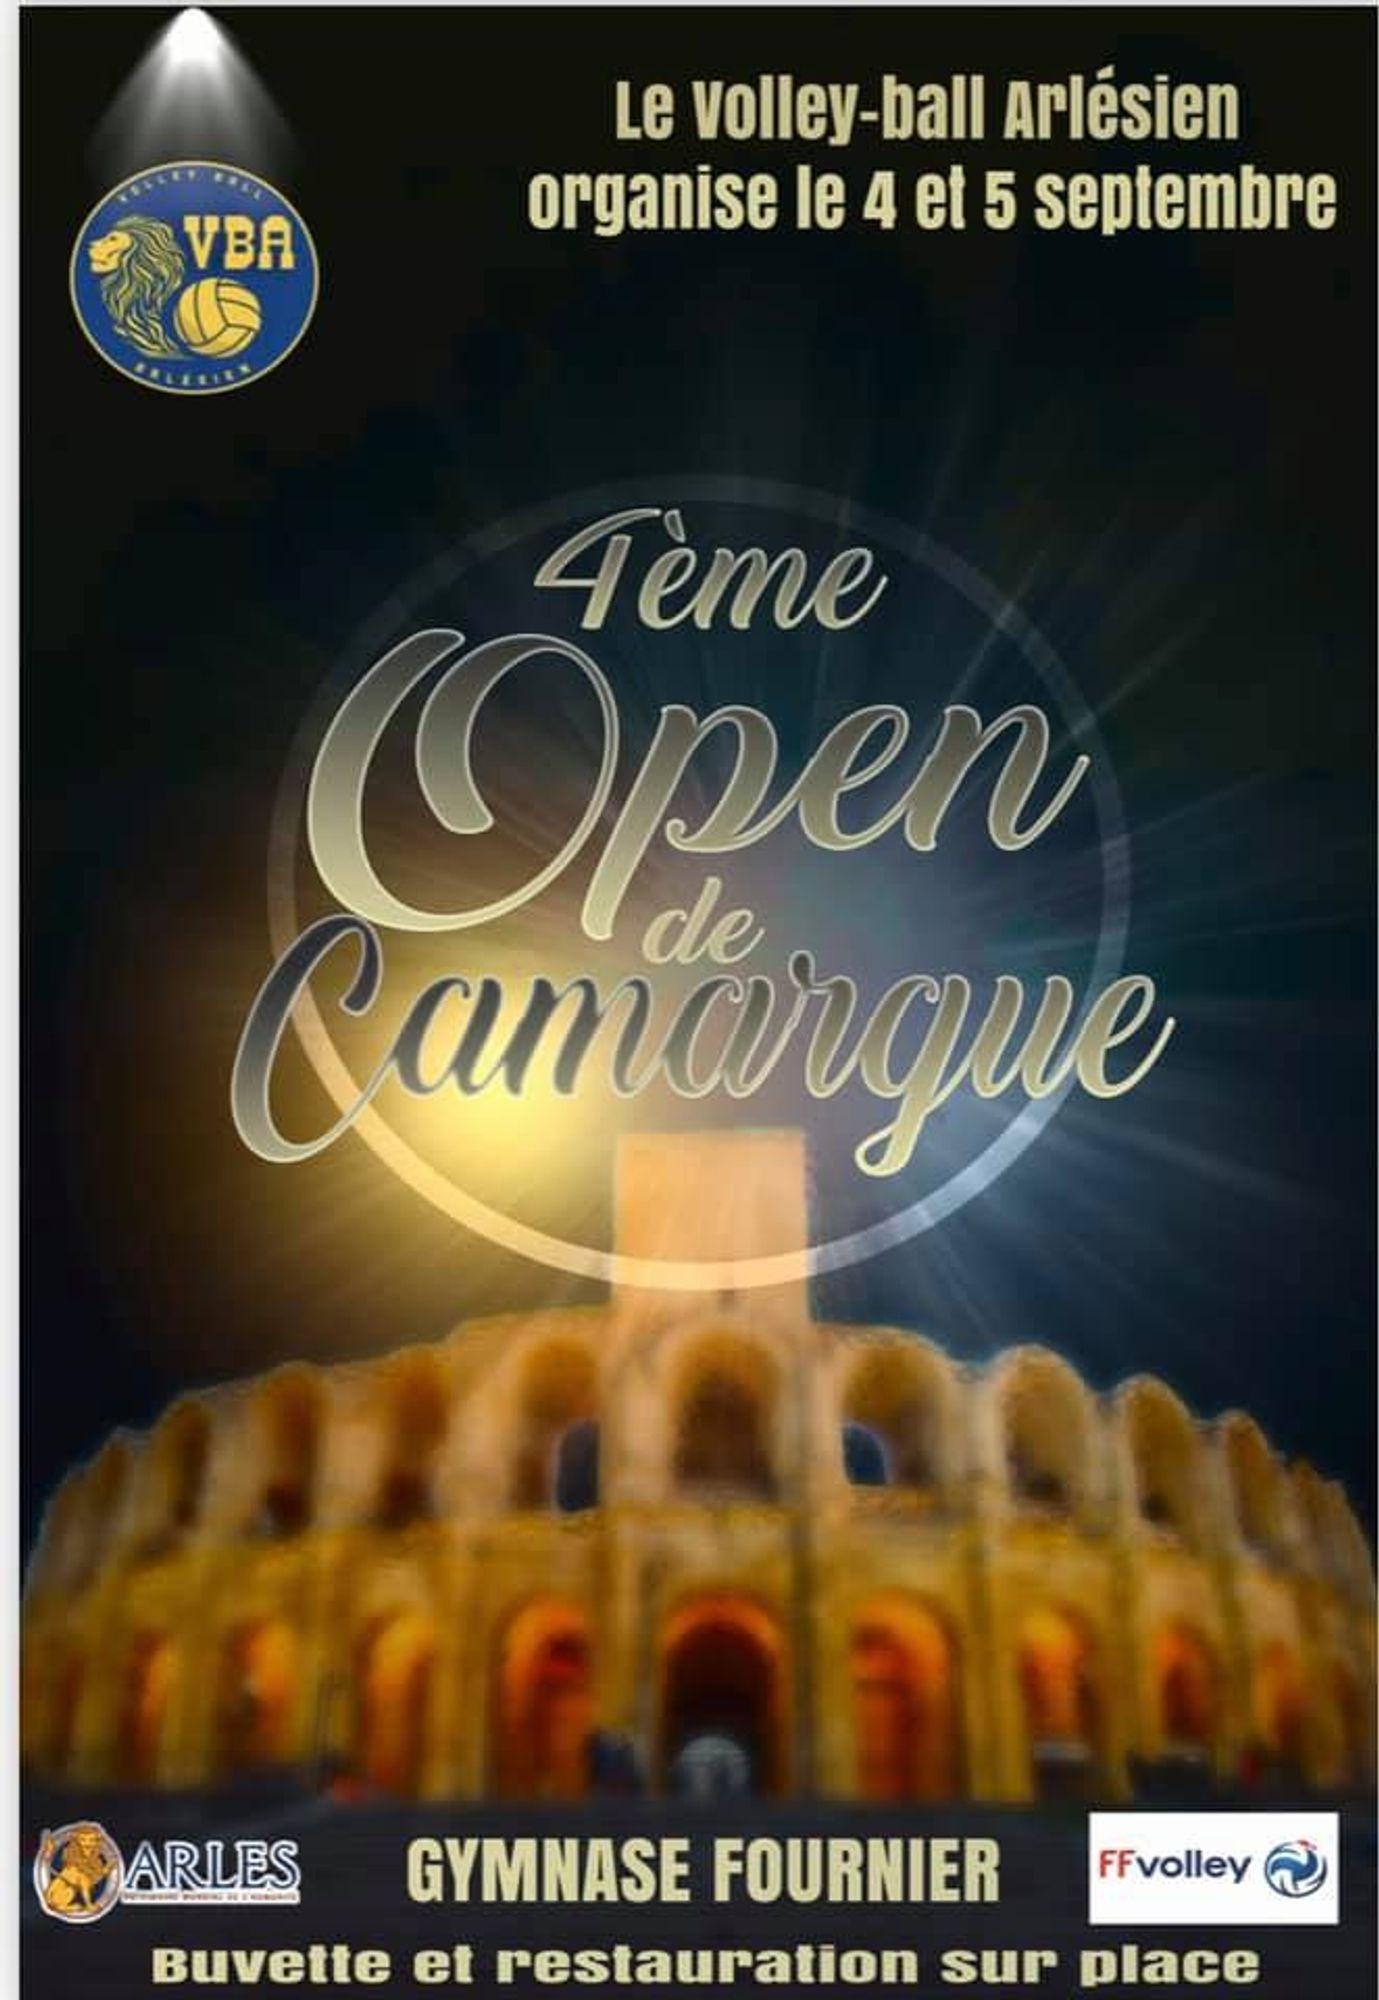 [ SPORT ] Volleyball/Arles: La 4ème édition de l'Open de Camargue se déroulera ce weekend